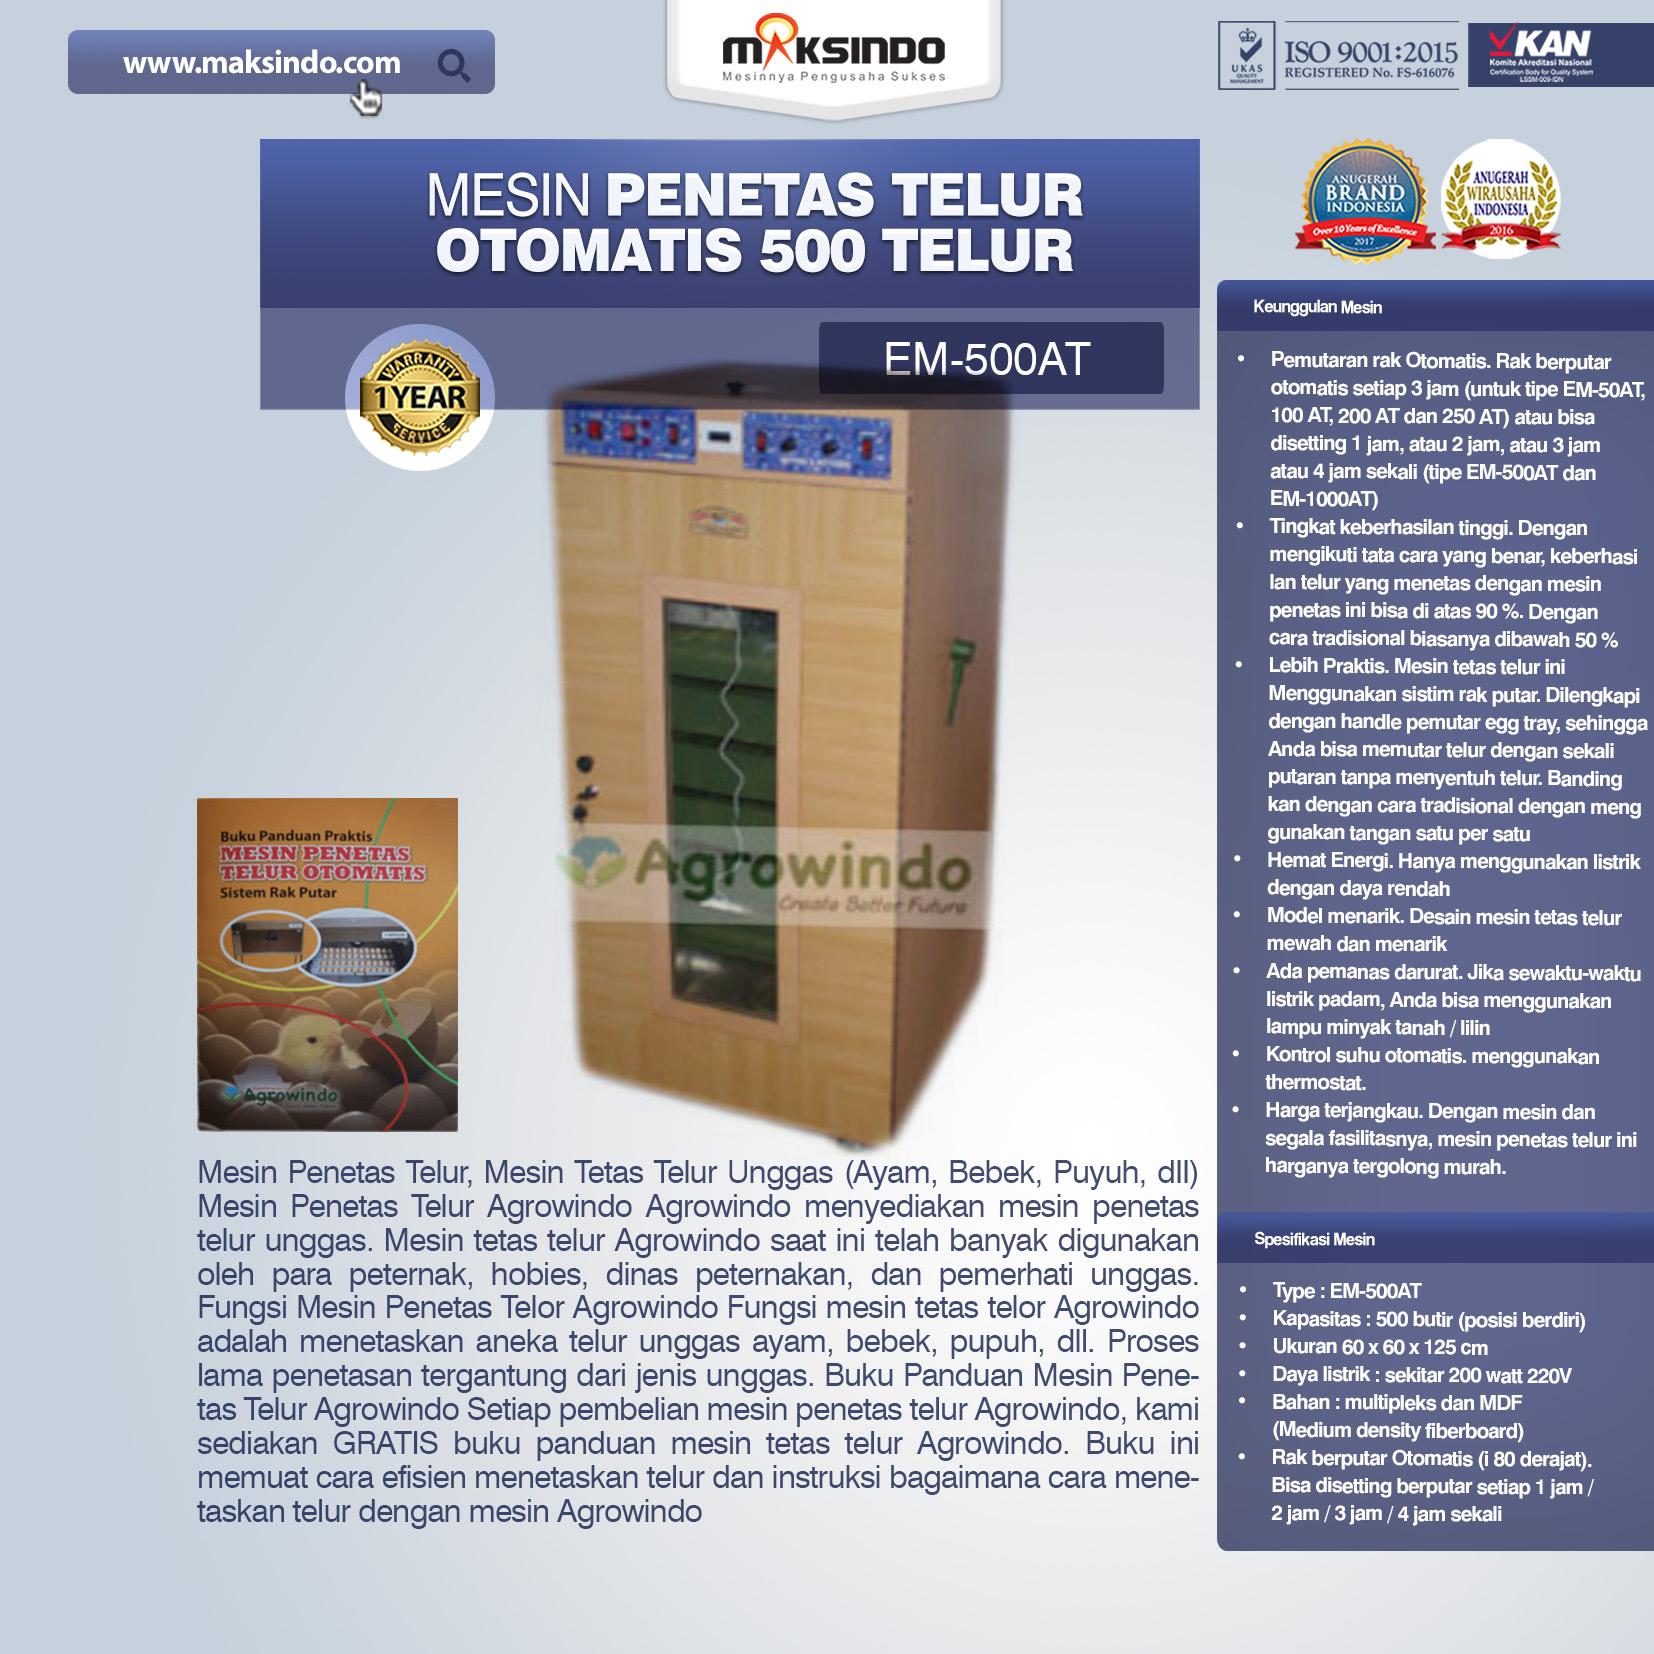 Jual Mesin Penetas Telur Otomatis Kapasitas 500 Telur (EM-500AT) di Medan